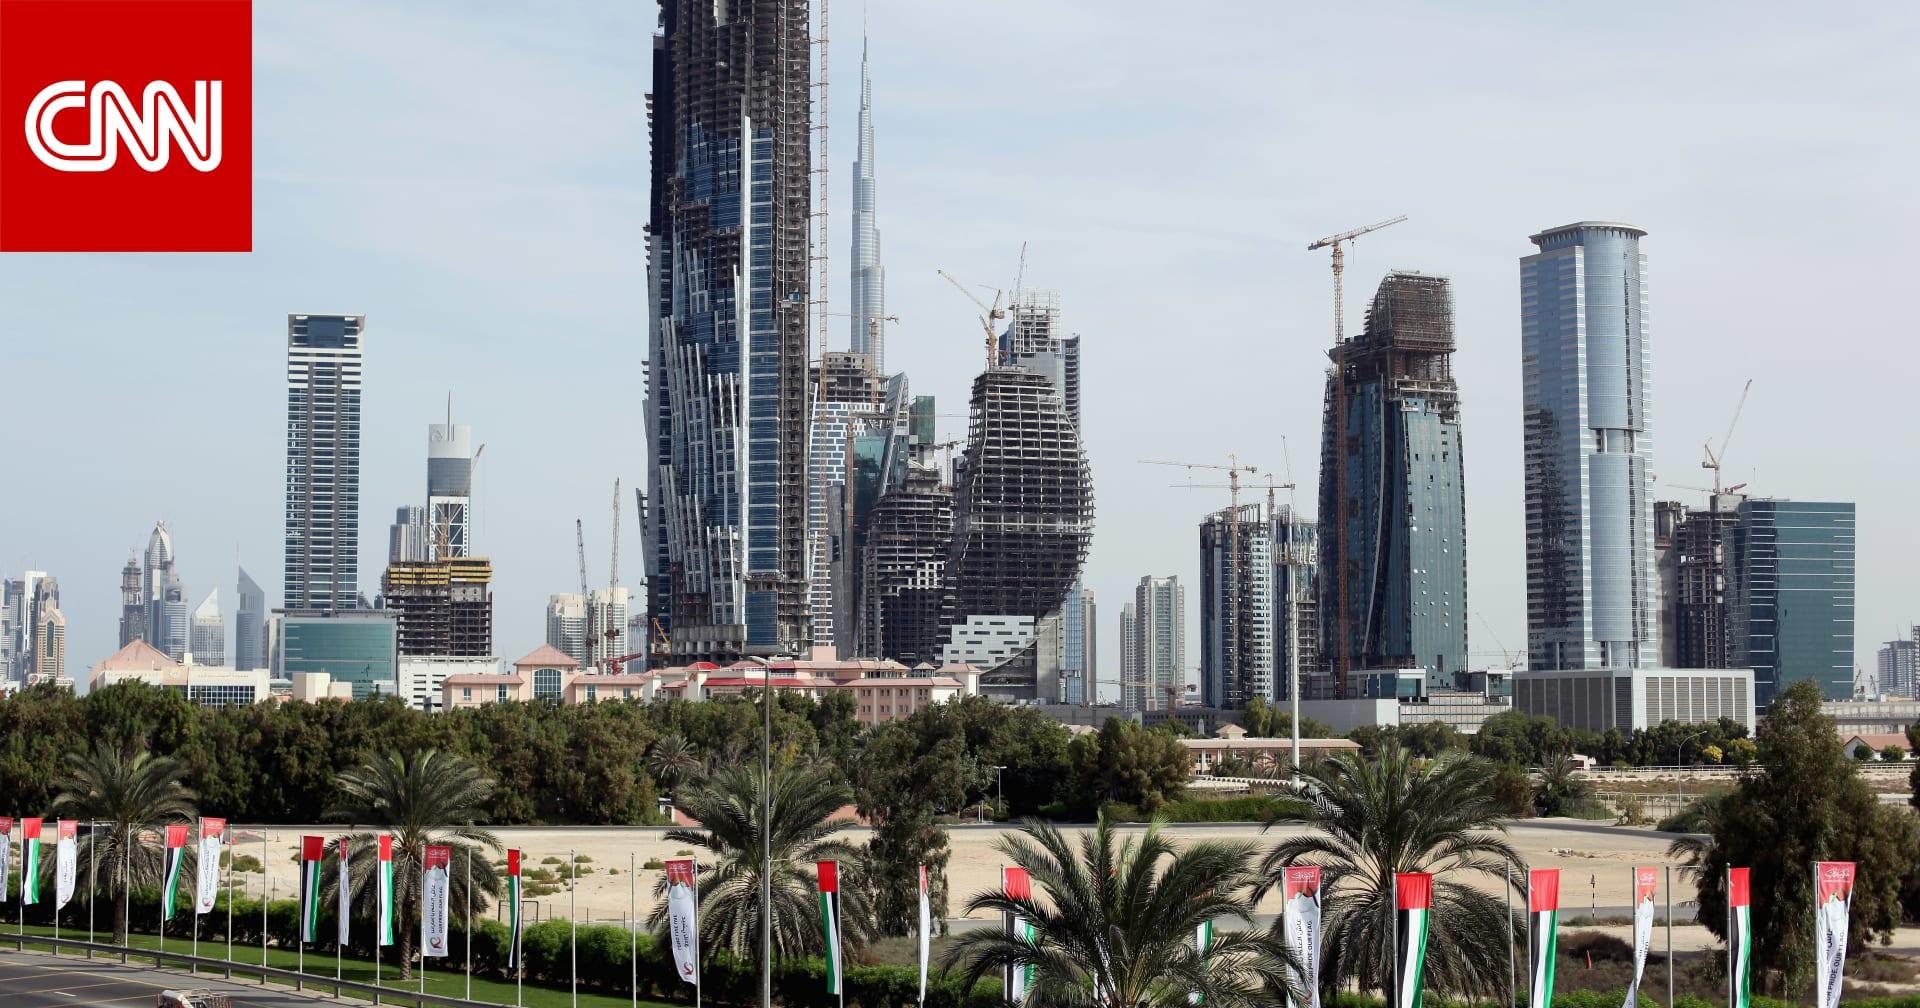 الإمارات تسمح للأجانب بتملك الشركات بشكل كامل ابتداء من شهر يونيو